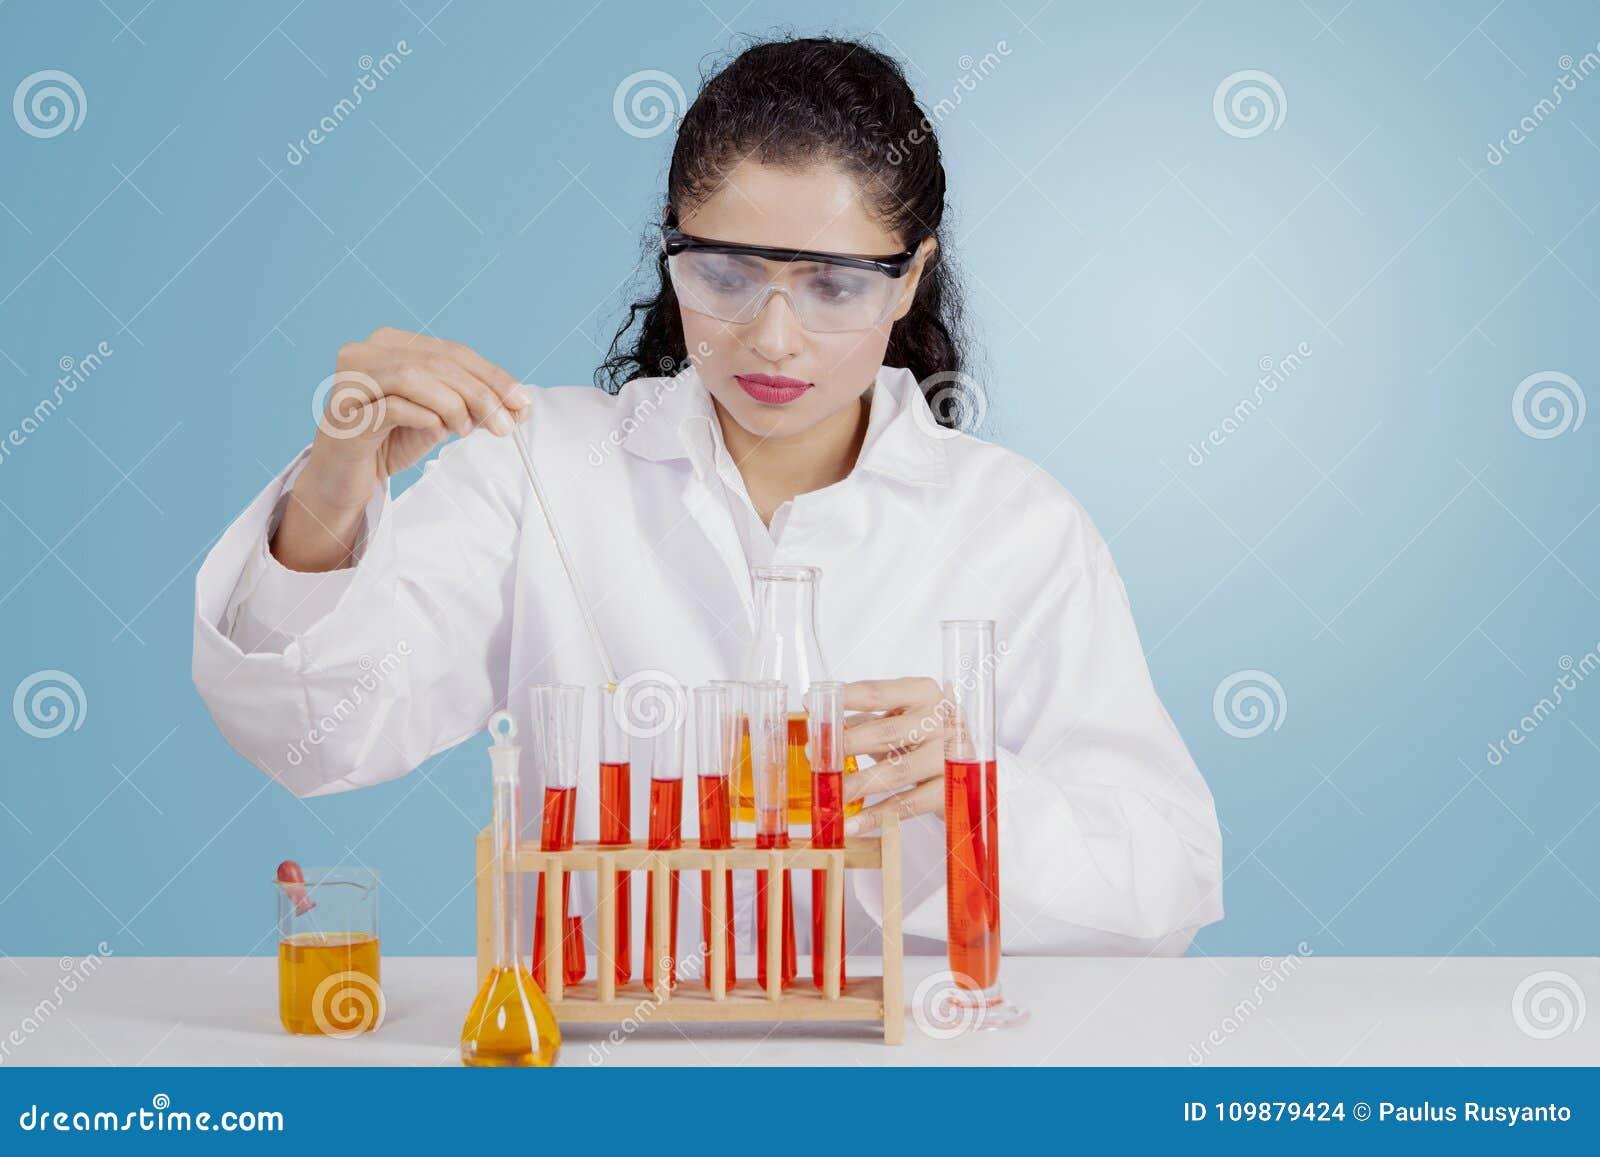 Scienziato indiano che lavora con i prodotti chimici